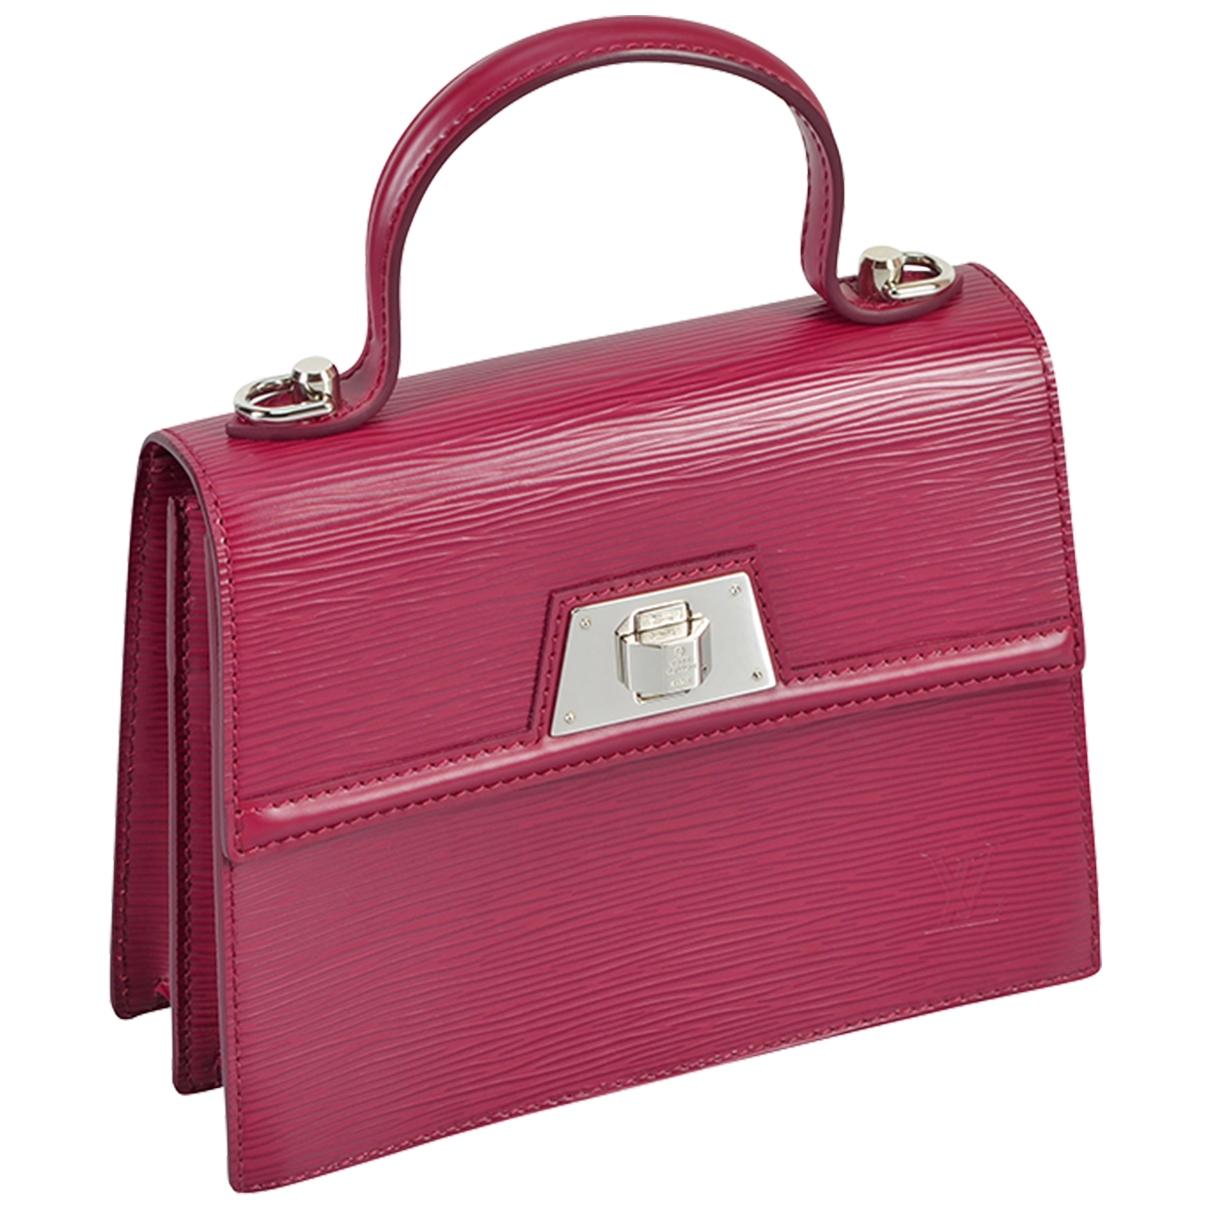 Louis Vuitton - Sac a main Sevigne pour femme en cuir - rose